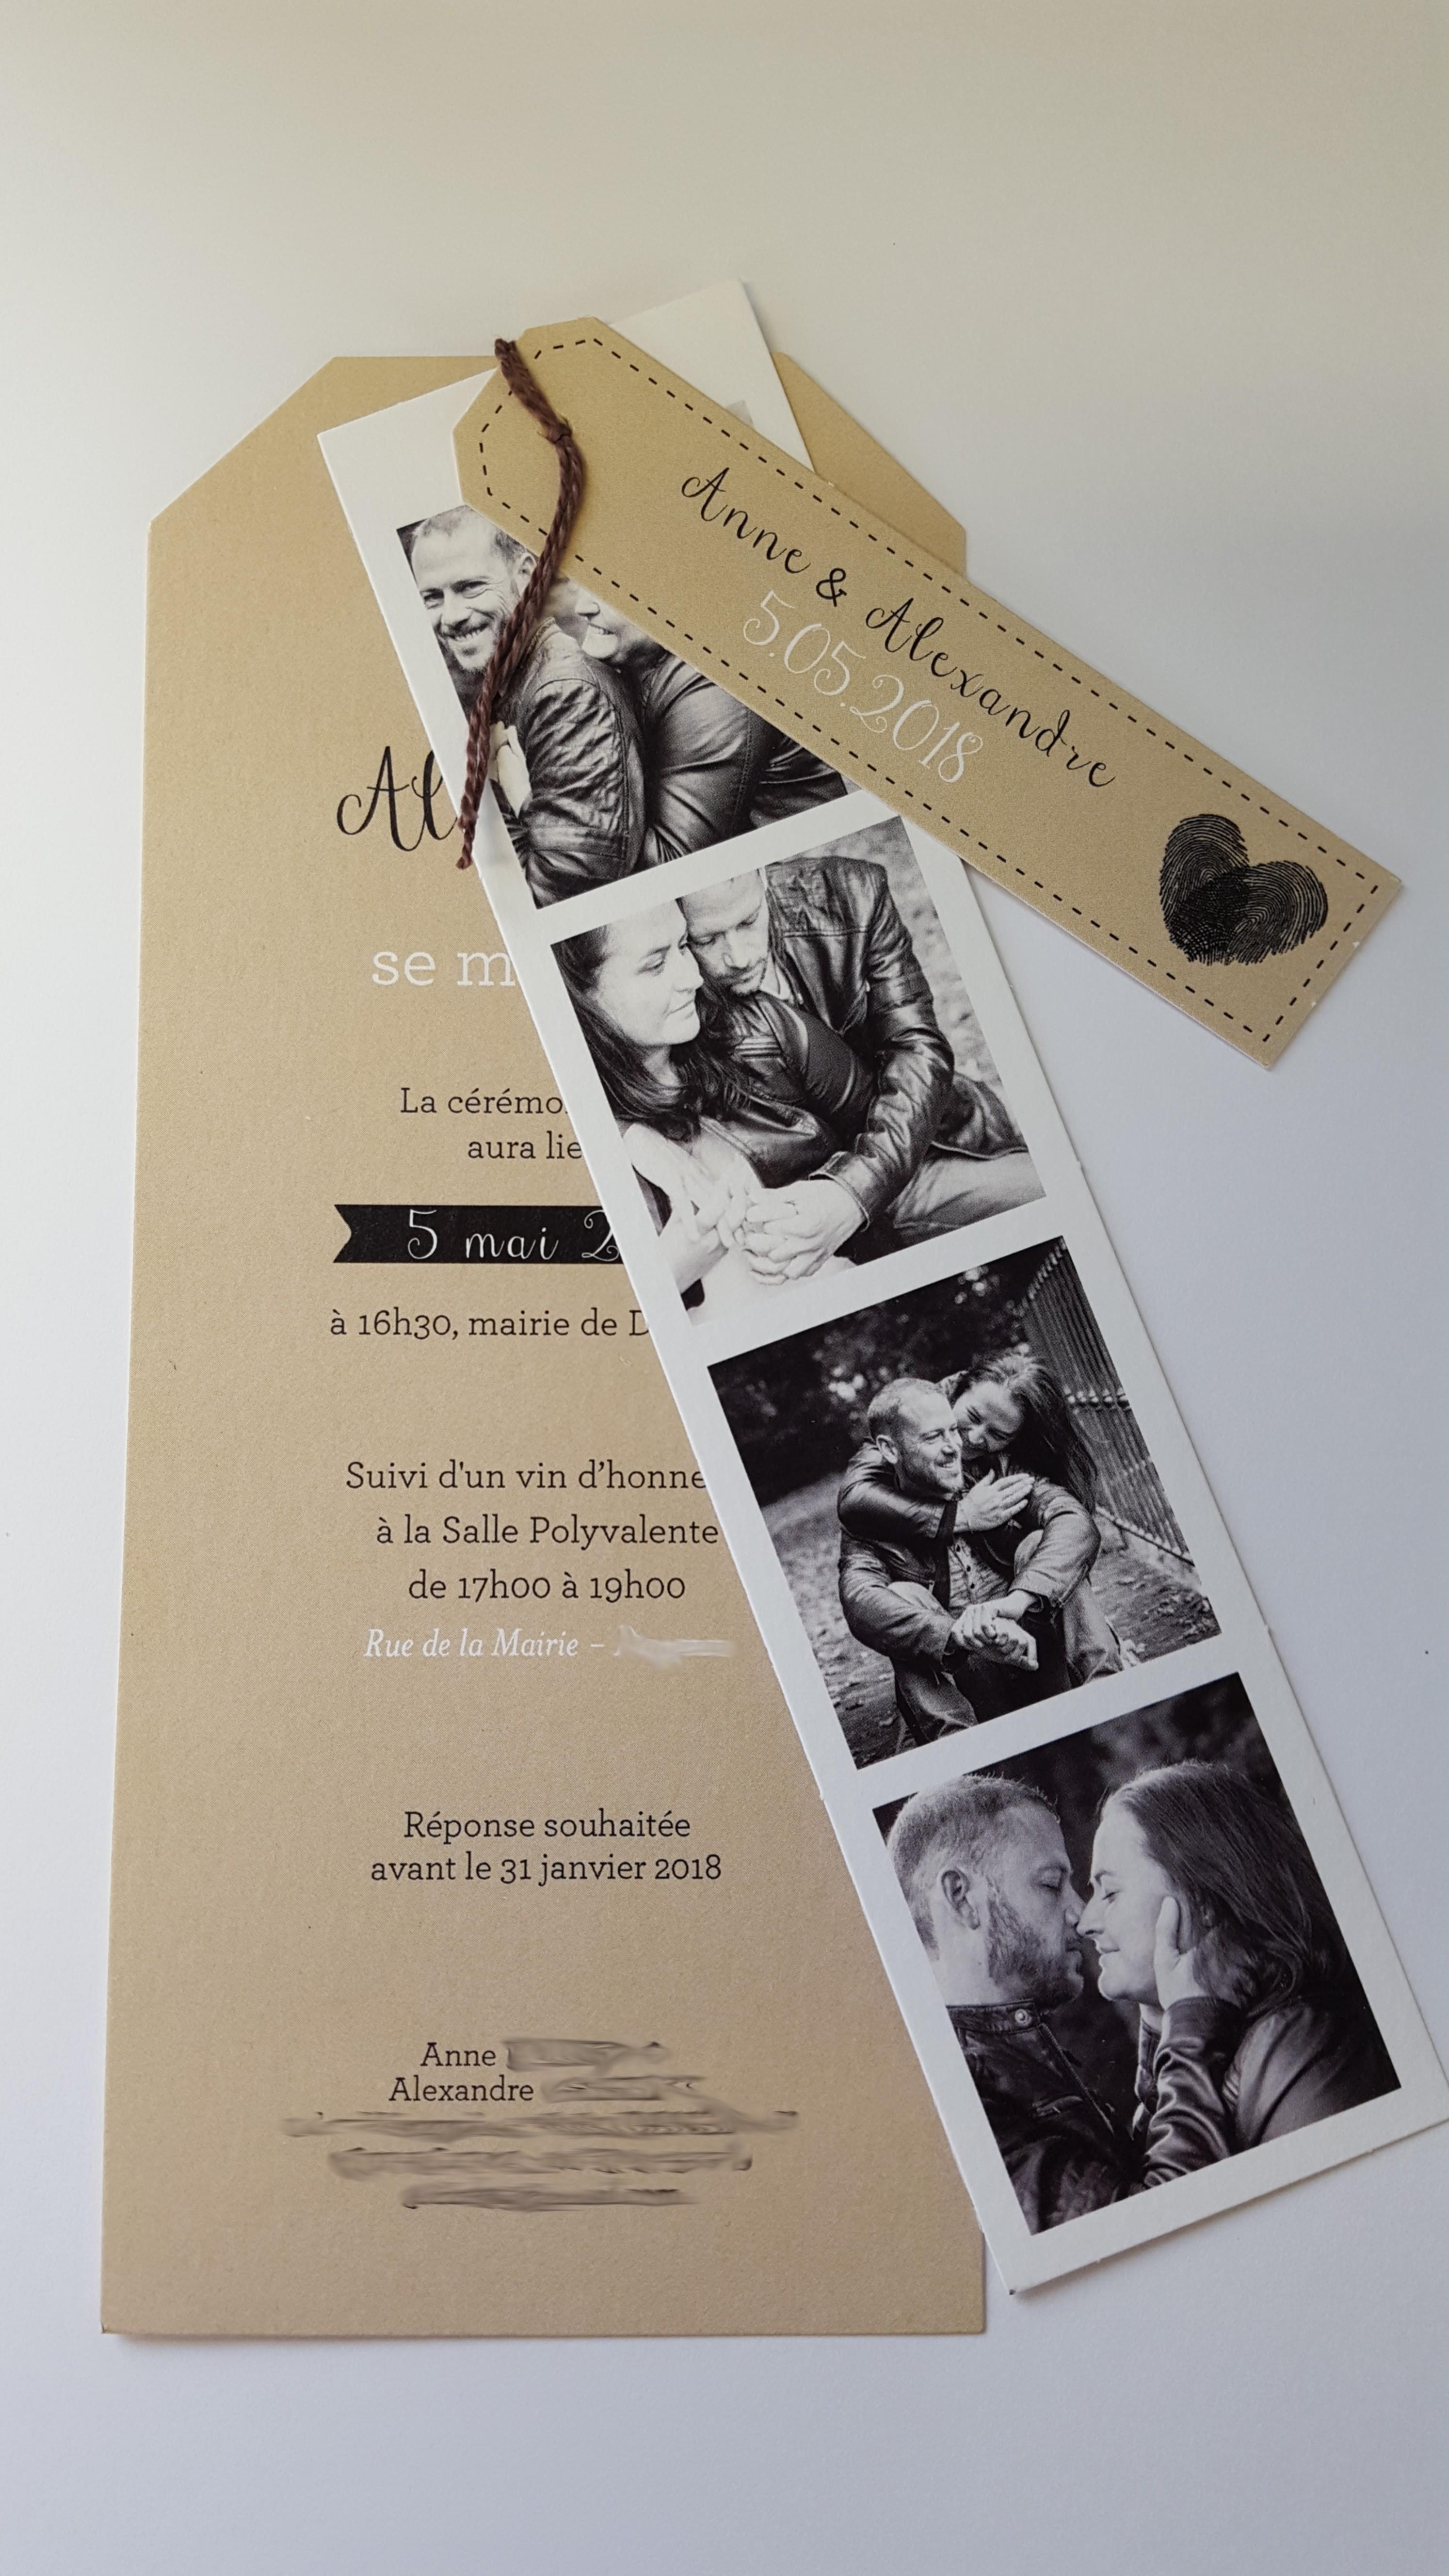 Séance engagement-faire part-mariage-photomaton-photos de couple